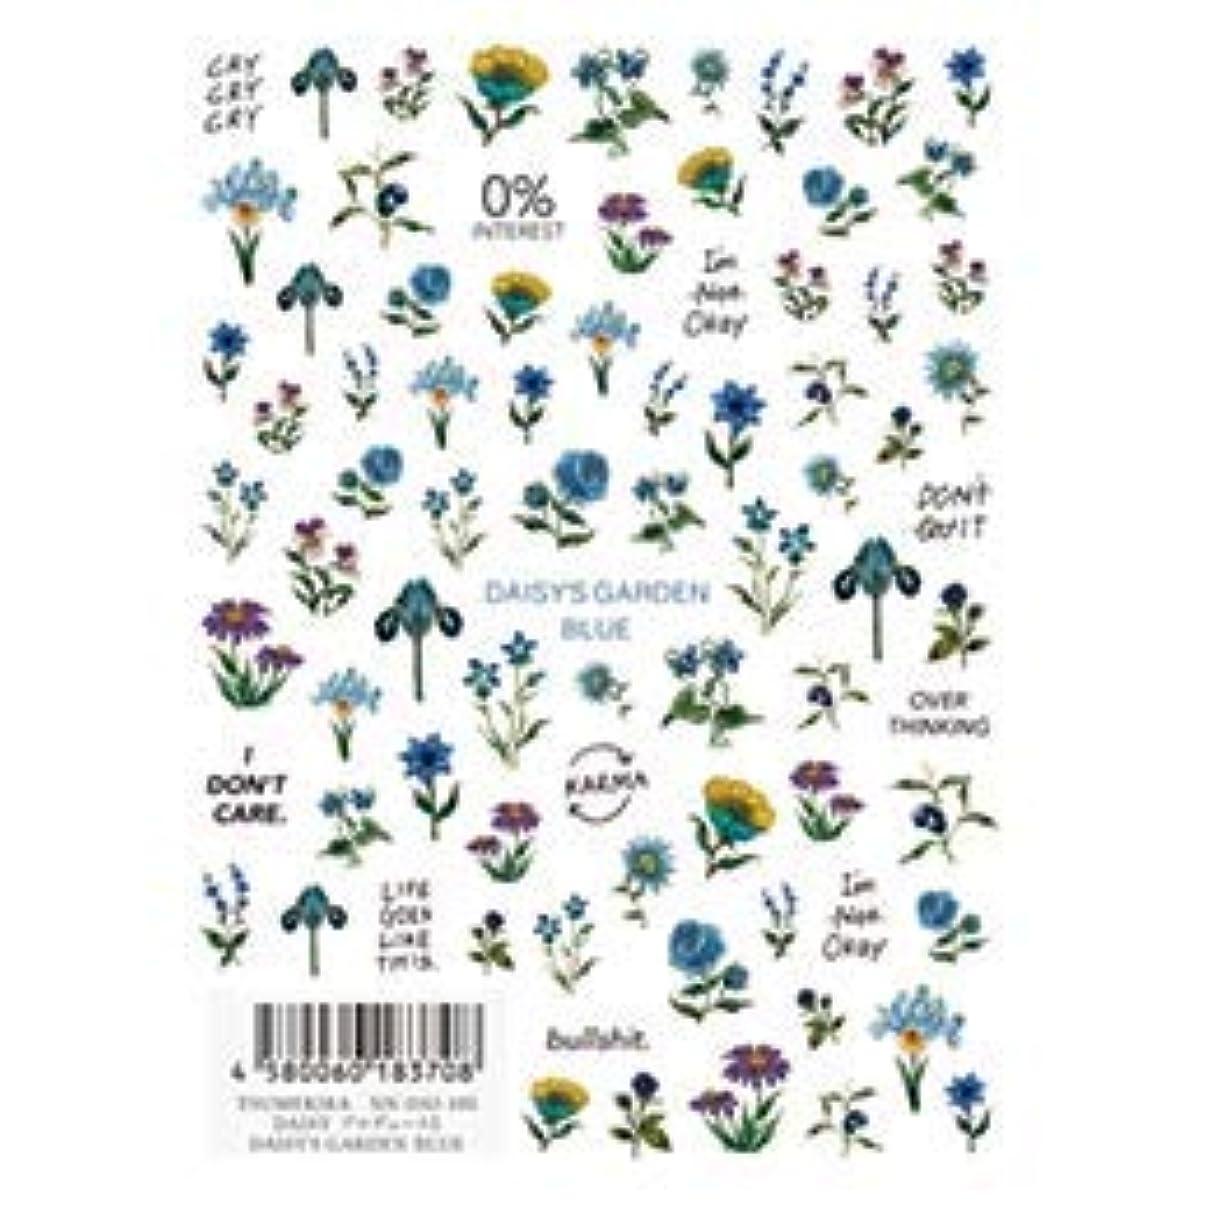 硫黄曖昧な恵みツメキラ DAISYプロデュース5 デイジー ガーデン ブルー NN-DAI-105